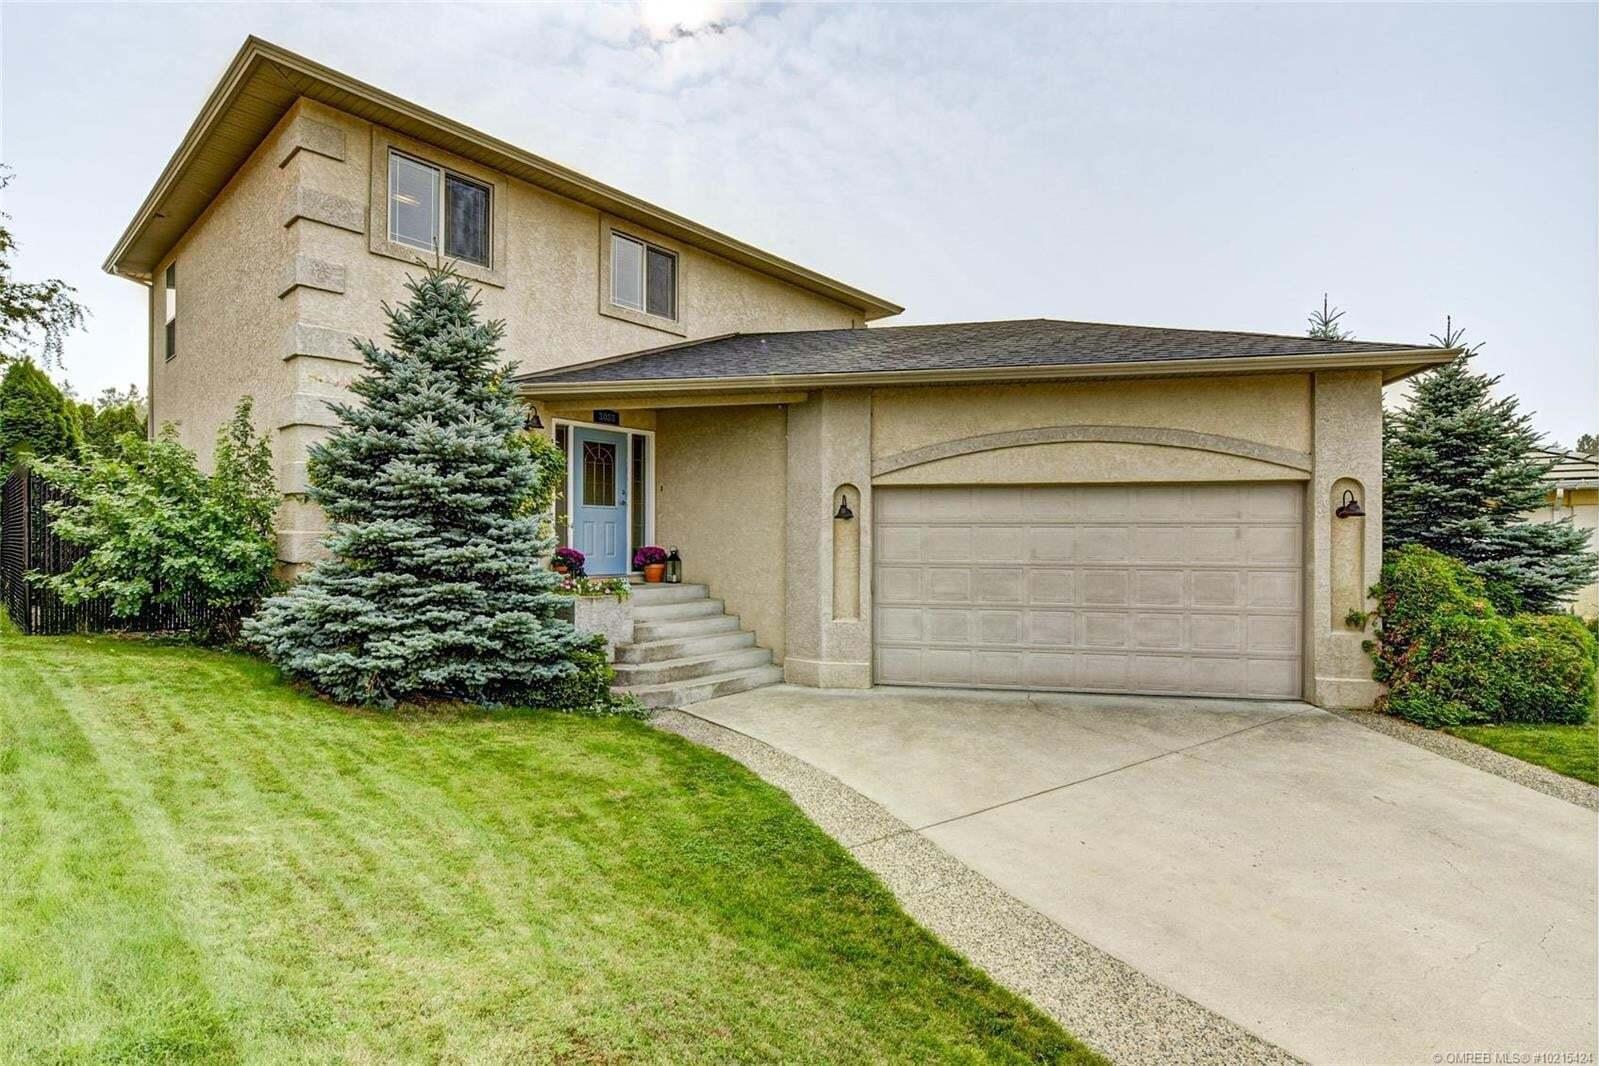 House for sale at 3088 Quail Cres Kelowna British Columbia - MLS: 10215424